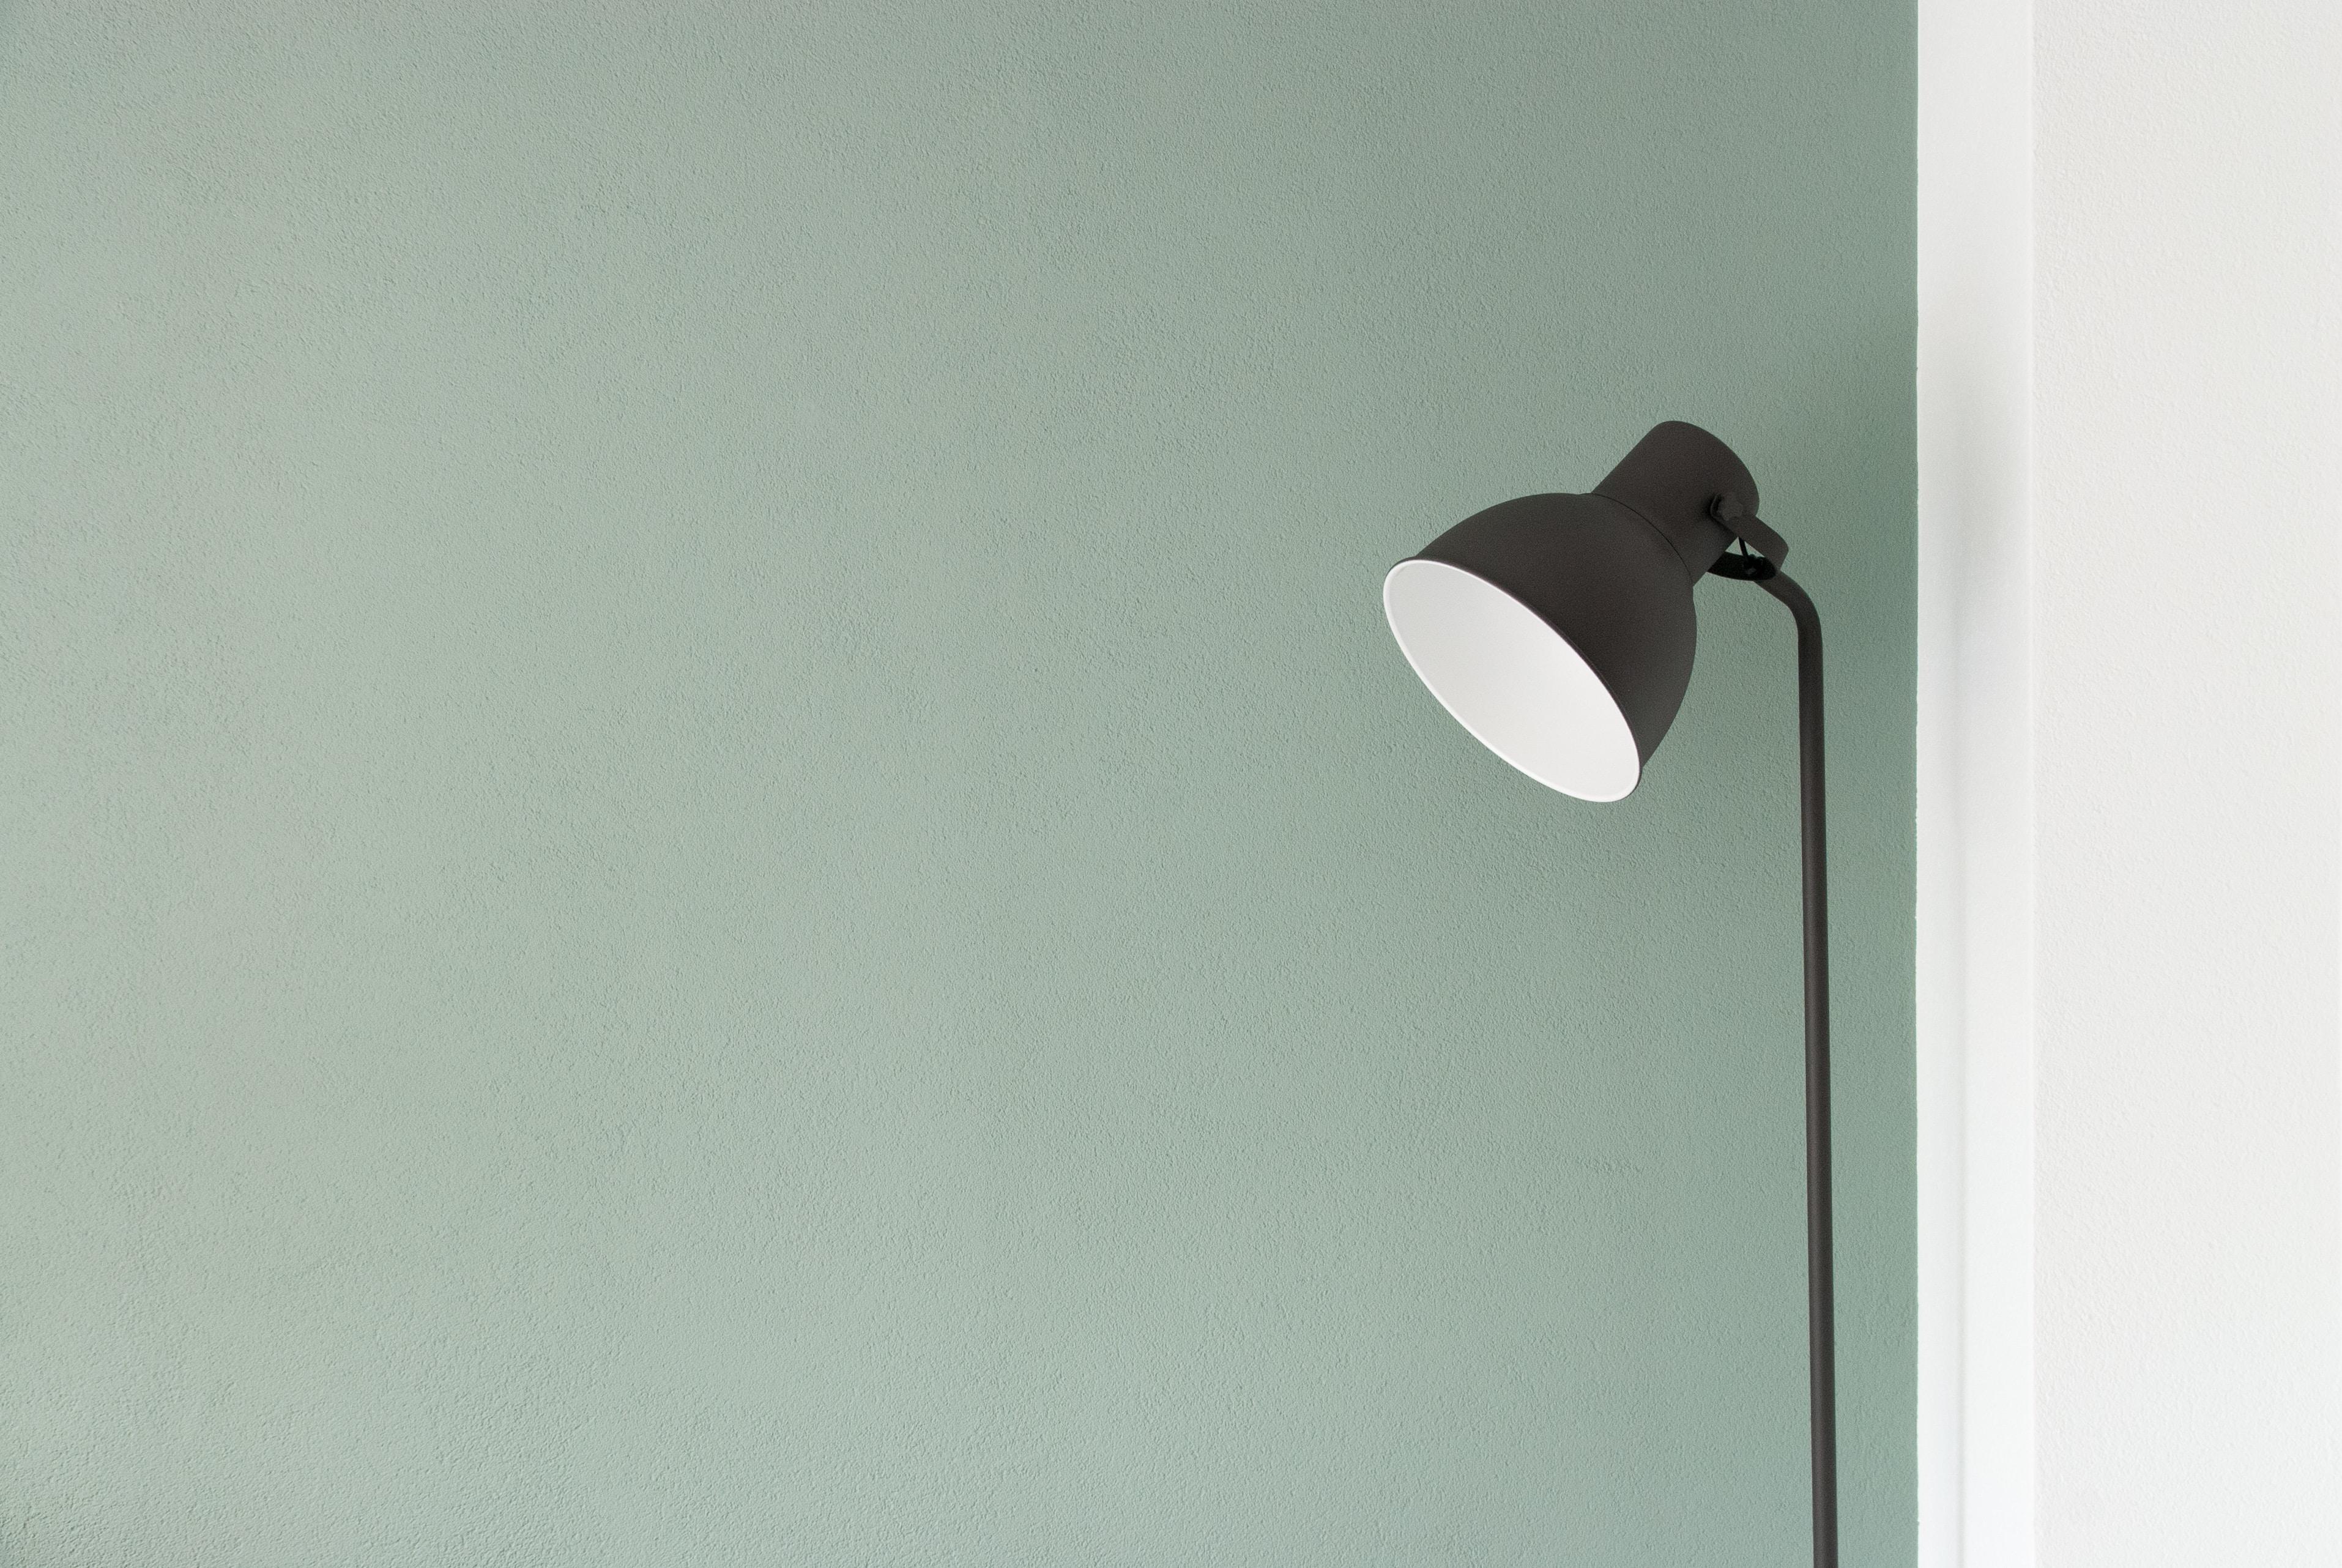 Een domotica systeem kan er voor zorgen dat lampen automatisch aan gaan.